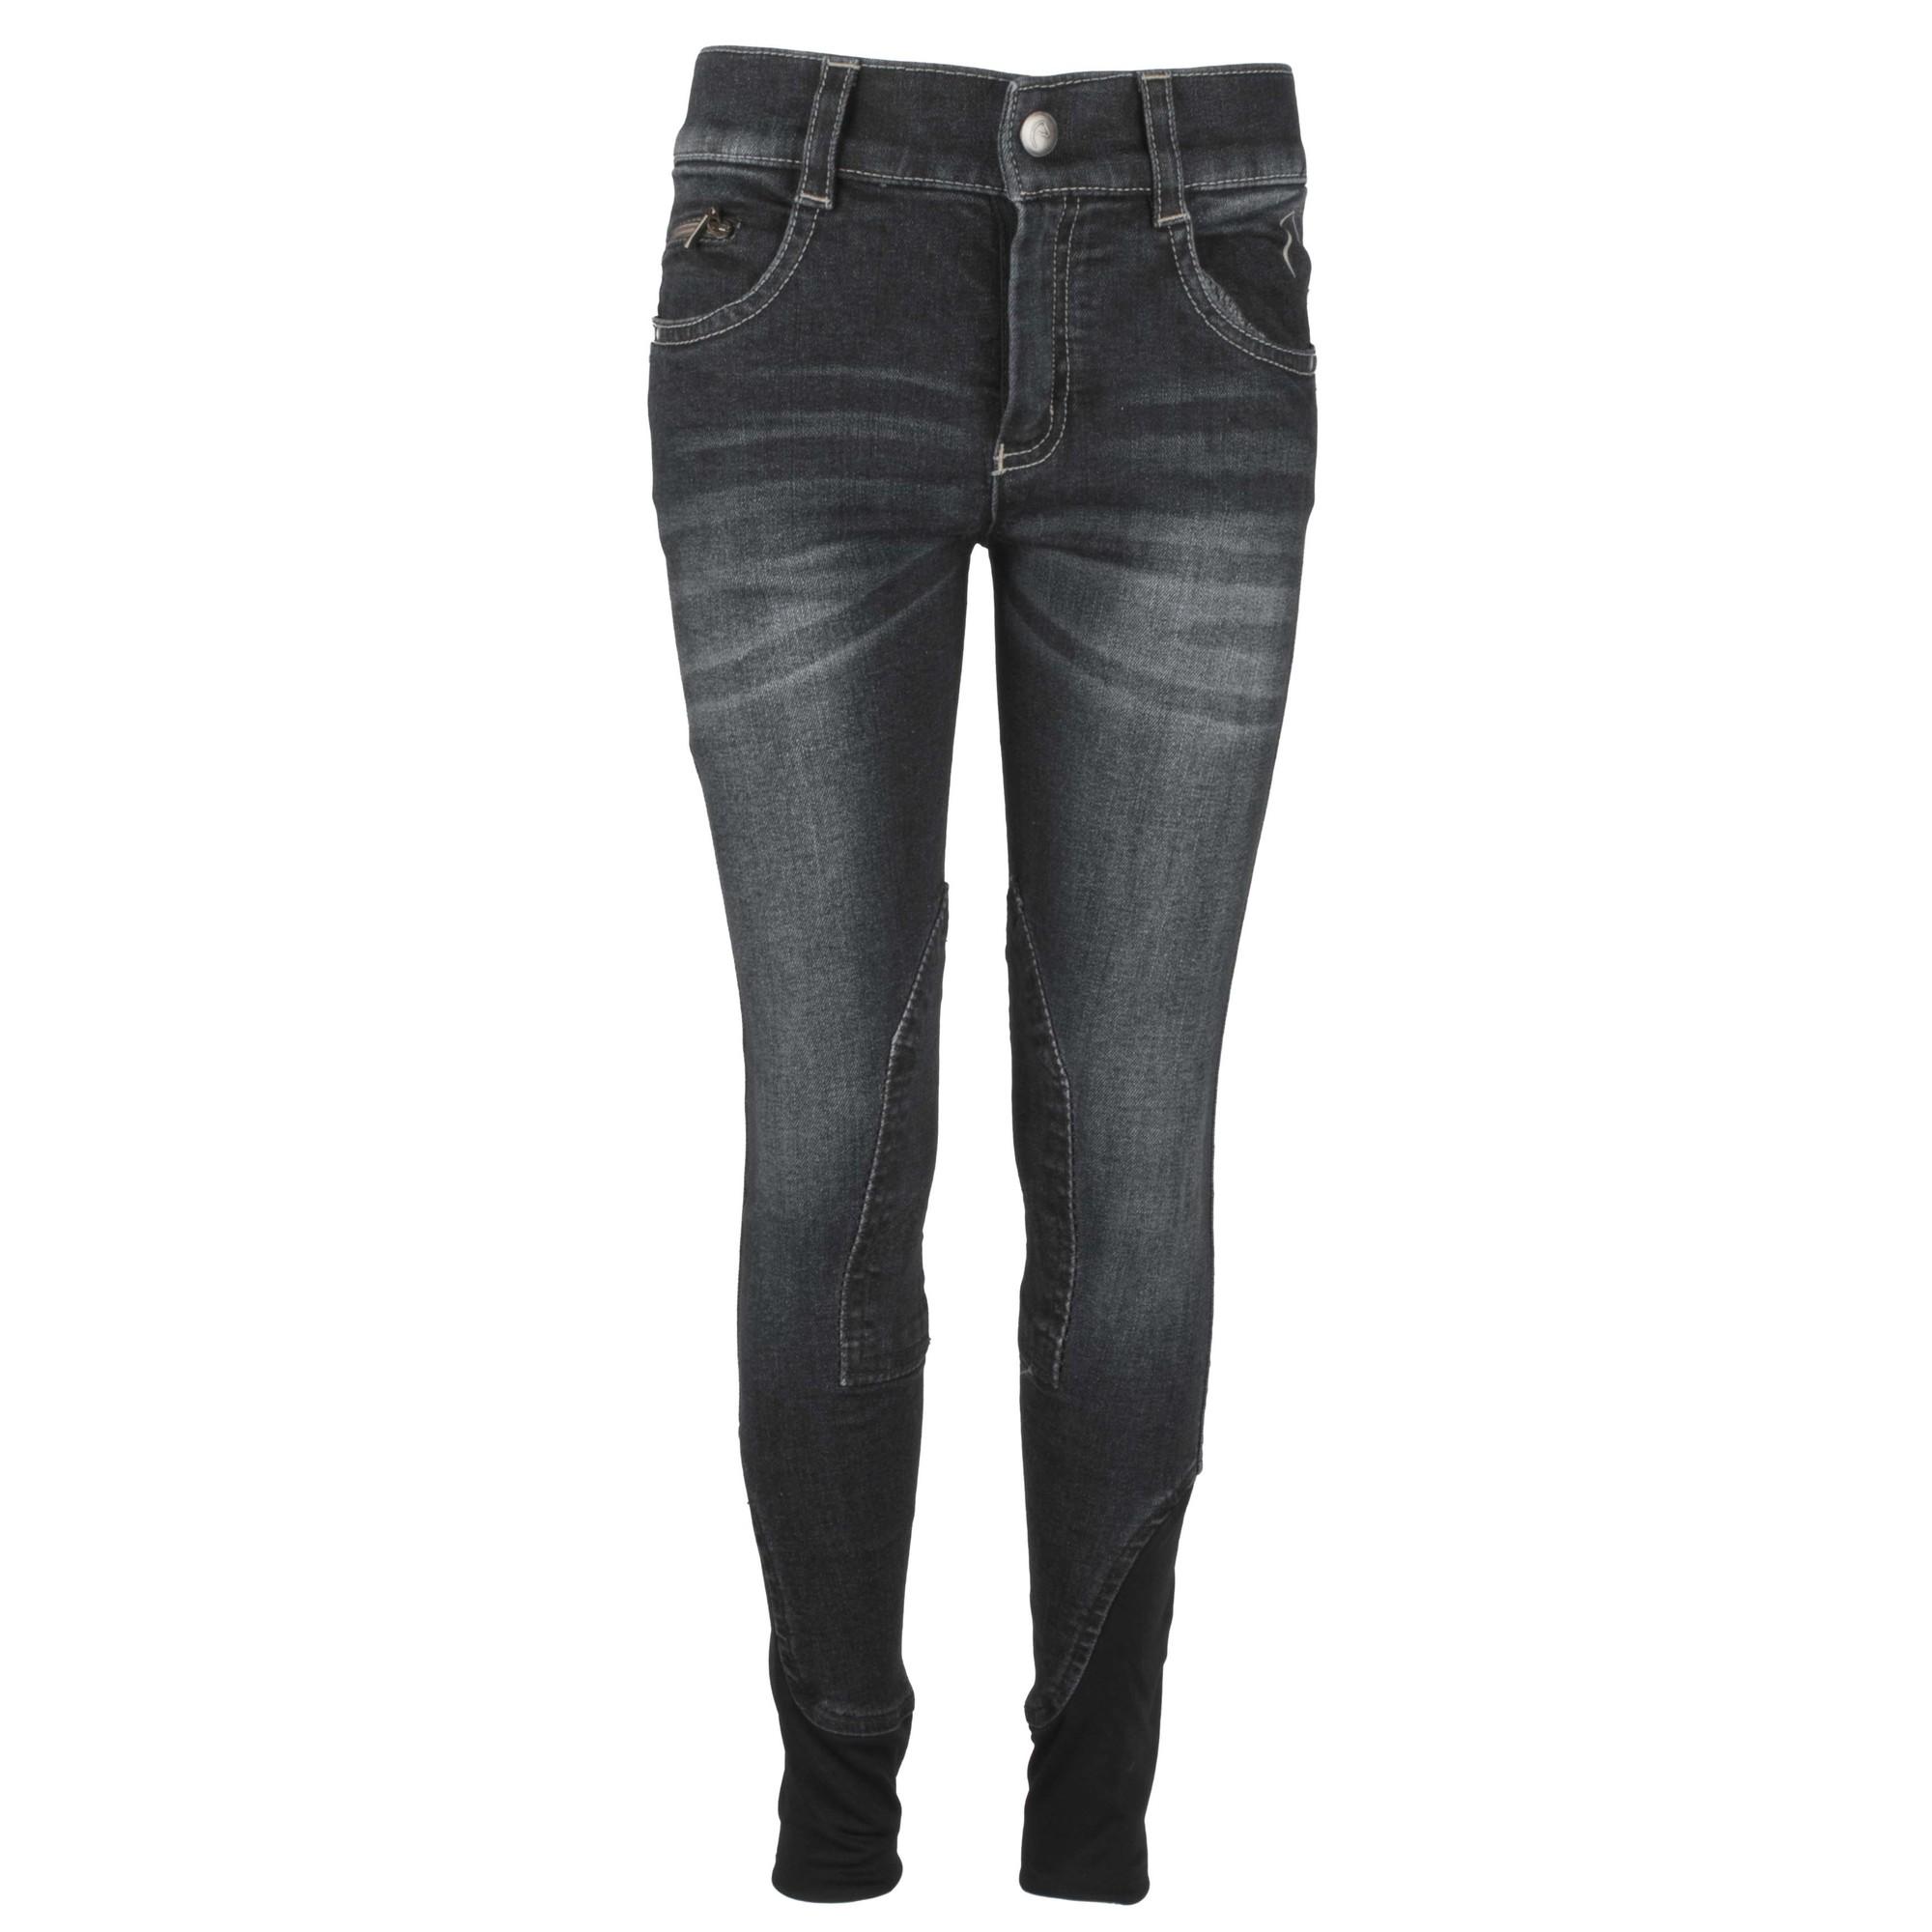 Equitheme Texas jeans kinder rijbroek zwart maat:140